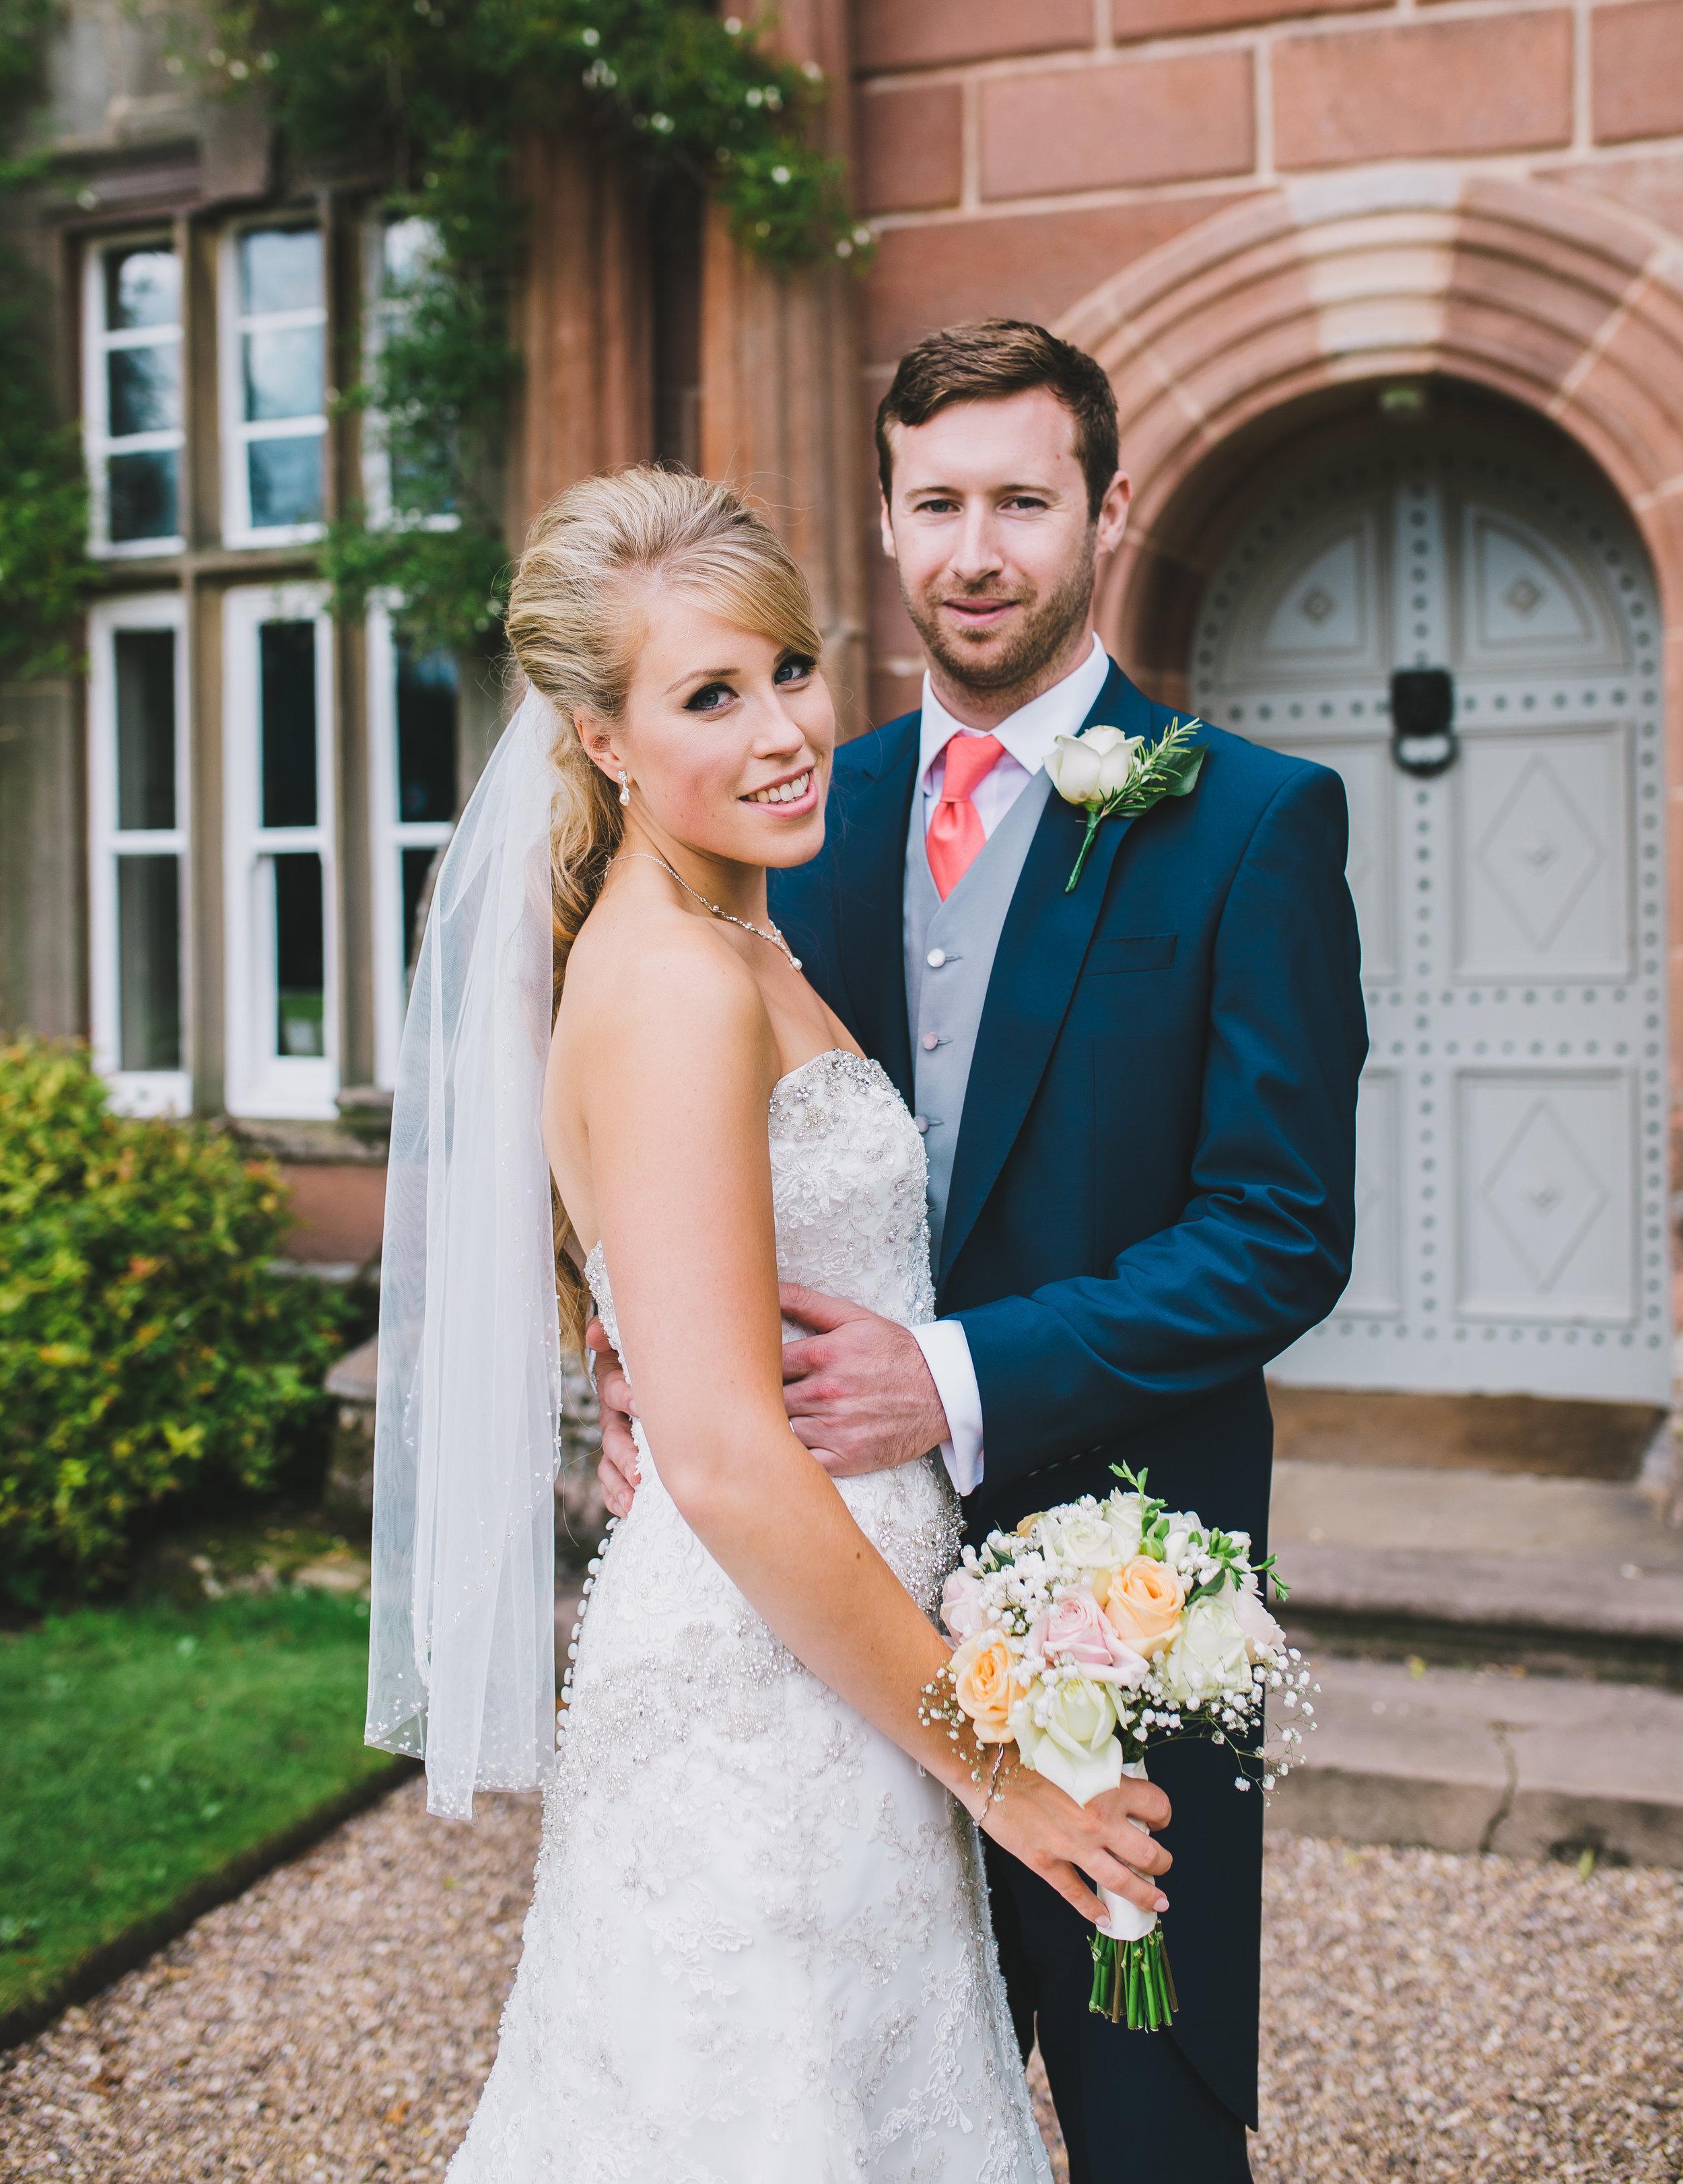 Browsholme Hall wedding - bride and groom outside the hall